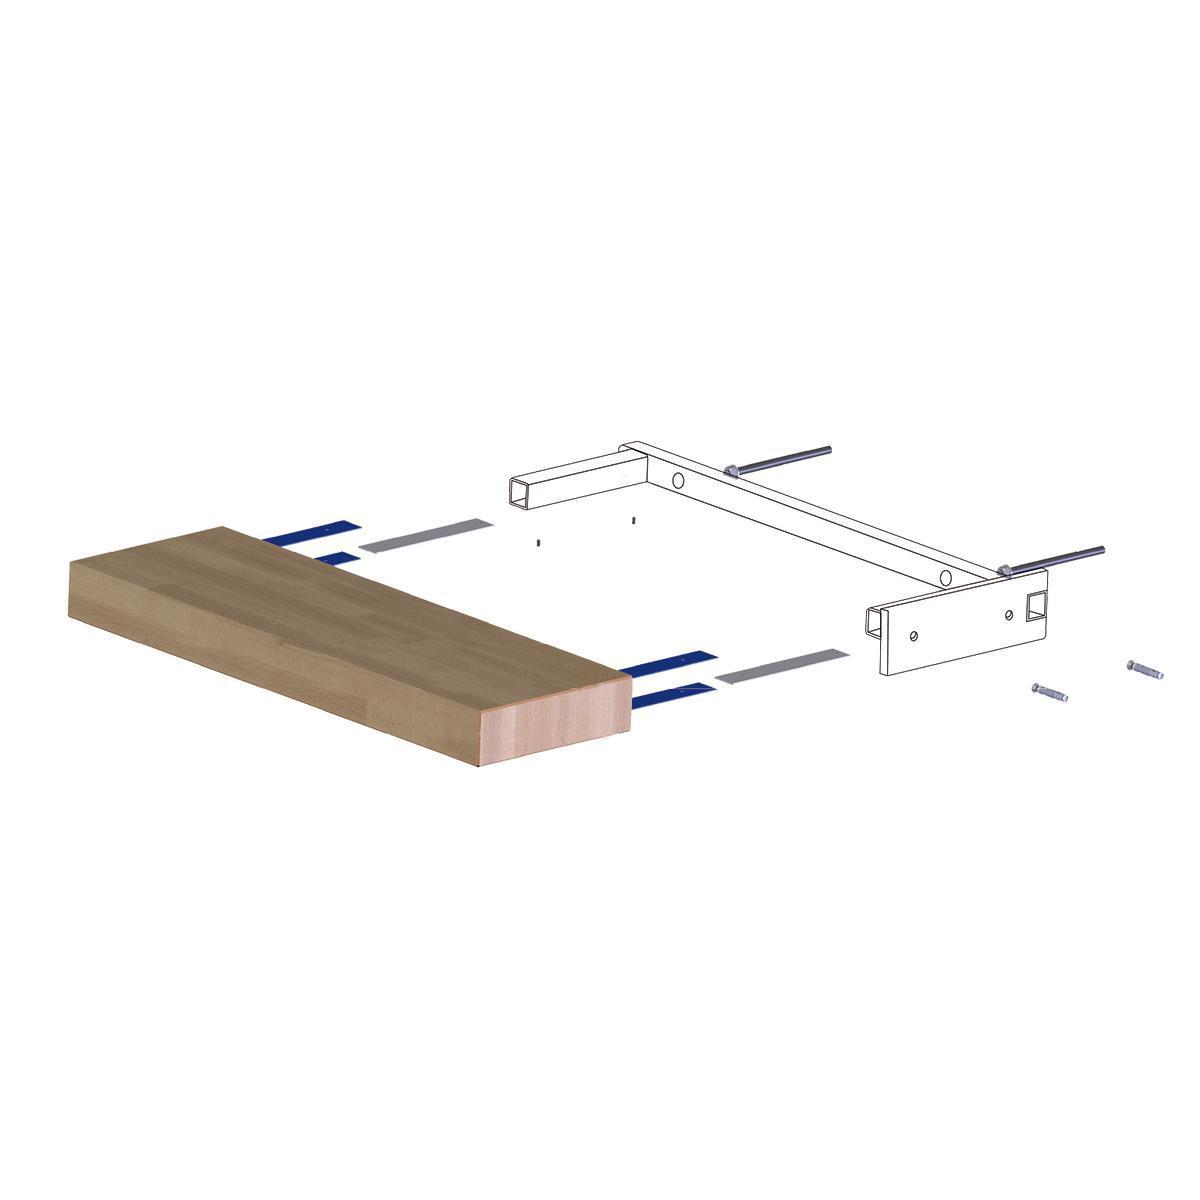 Gradino Wall Finale in legno bianco L 800 mm H 300 mm - 5